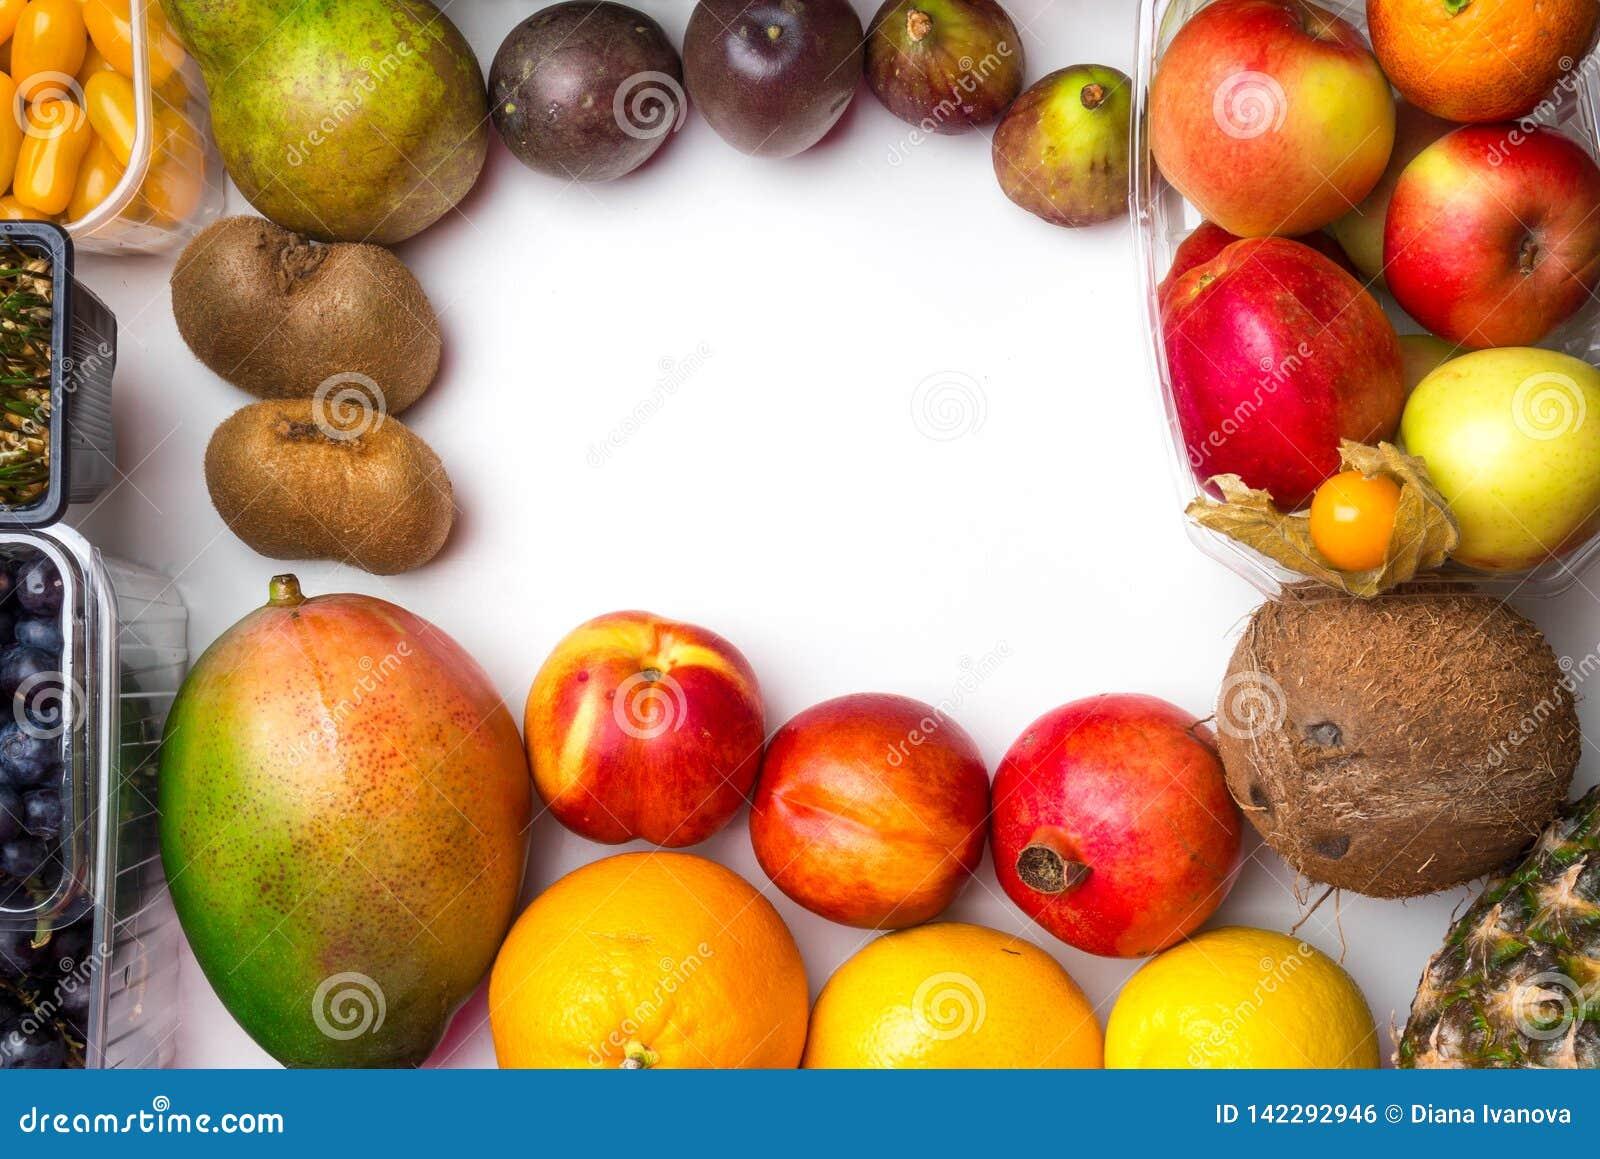 Здоровые предпосылка еды/фото студии различных фруктов и овощей на белой предпосылке